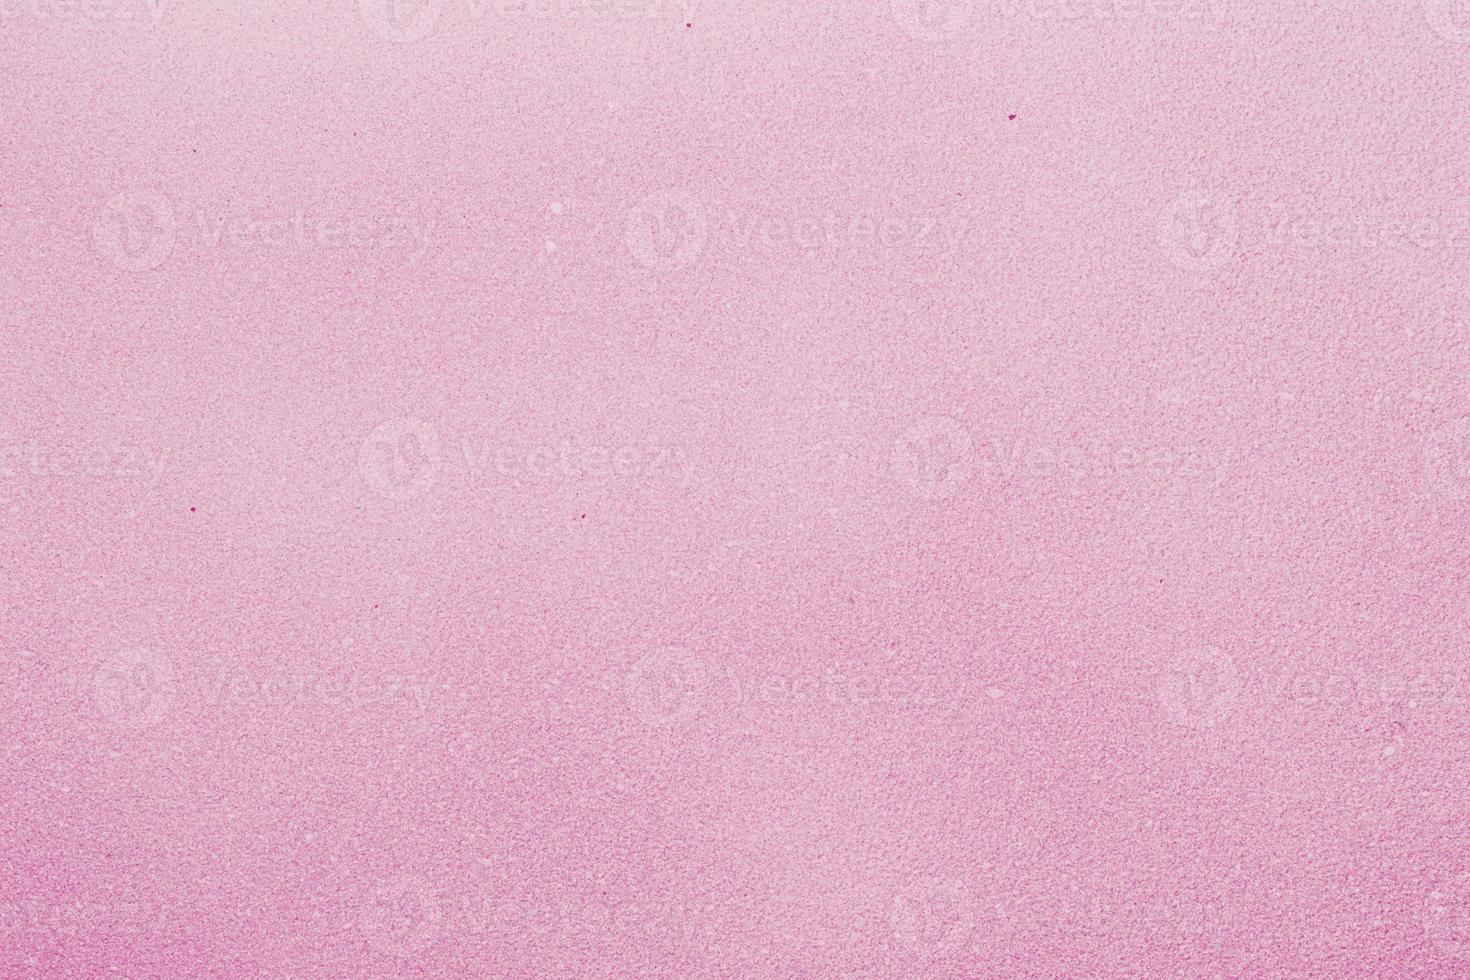 leere monochromatische rosa Textur foto